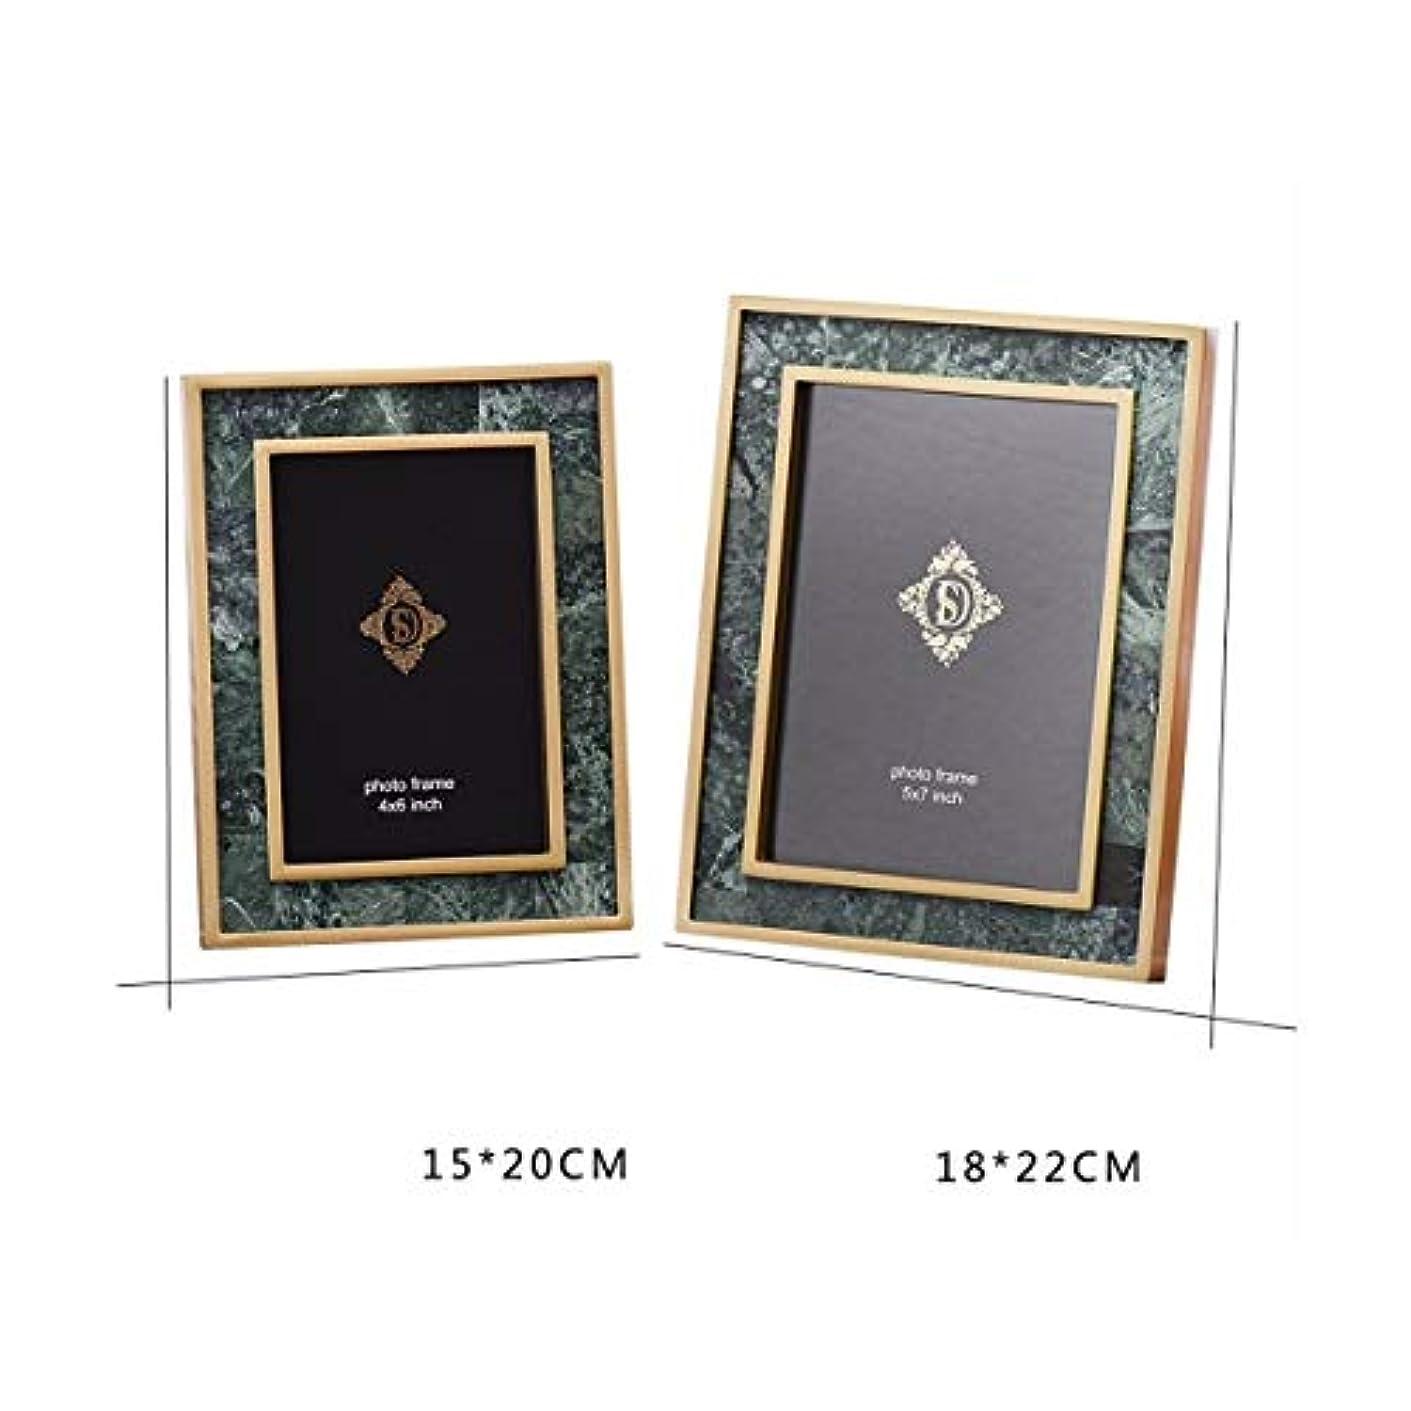 六歴史火炎LANYAOWEN ベッドサイドテーブルテレビ装飾銅フォトフレーム、ゴールドフォトフレームの装飾、欧州の6インチ7インチフォトアルバム (Color : A, Size : 6 inches)